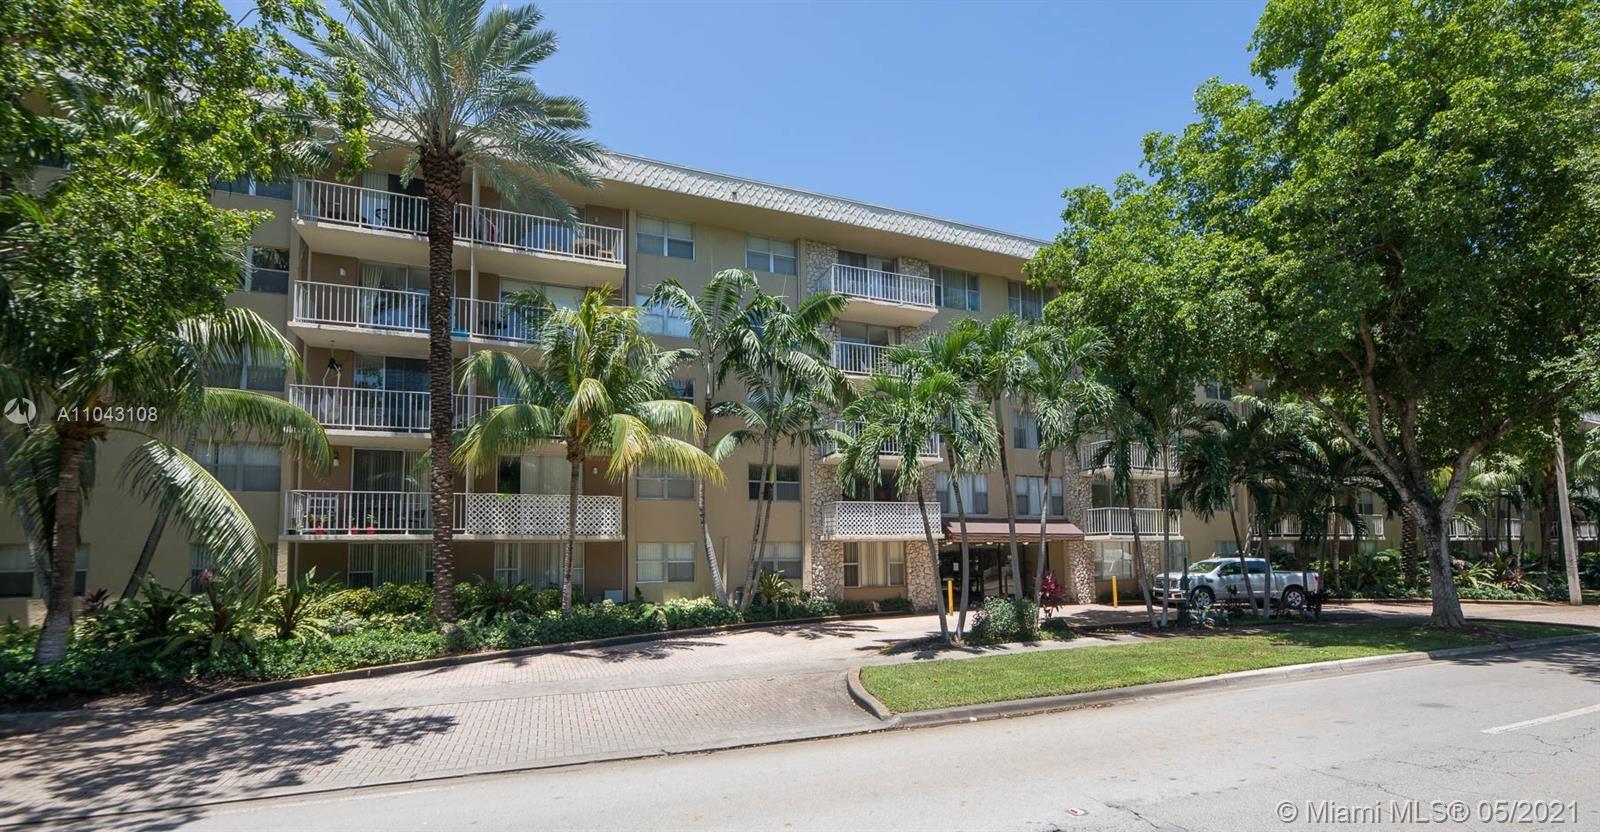 1805 Sans Souci Blvd #306, North Miami, FL 33181 - #: A11043108